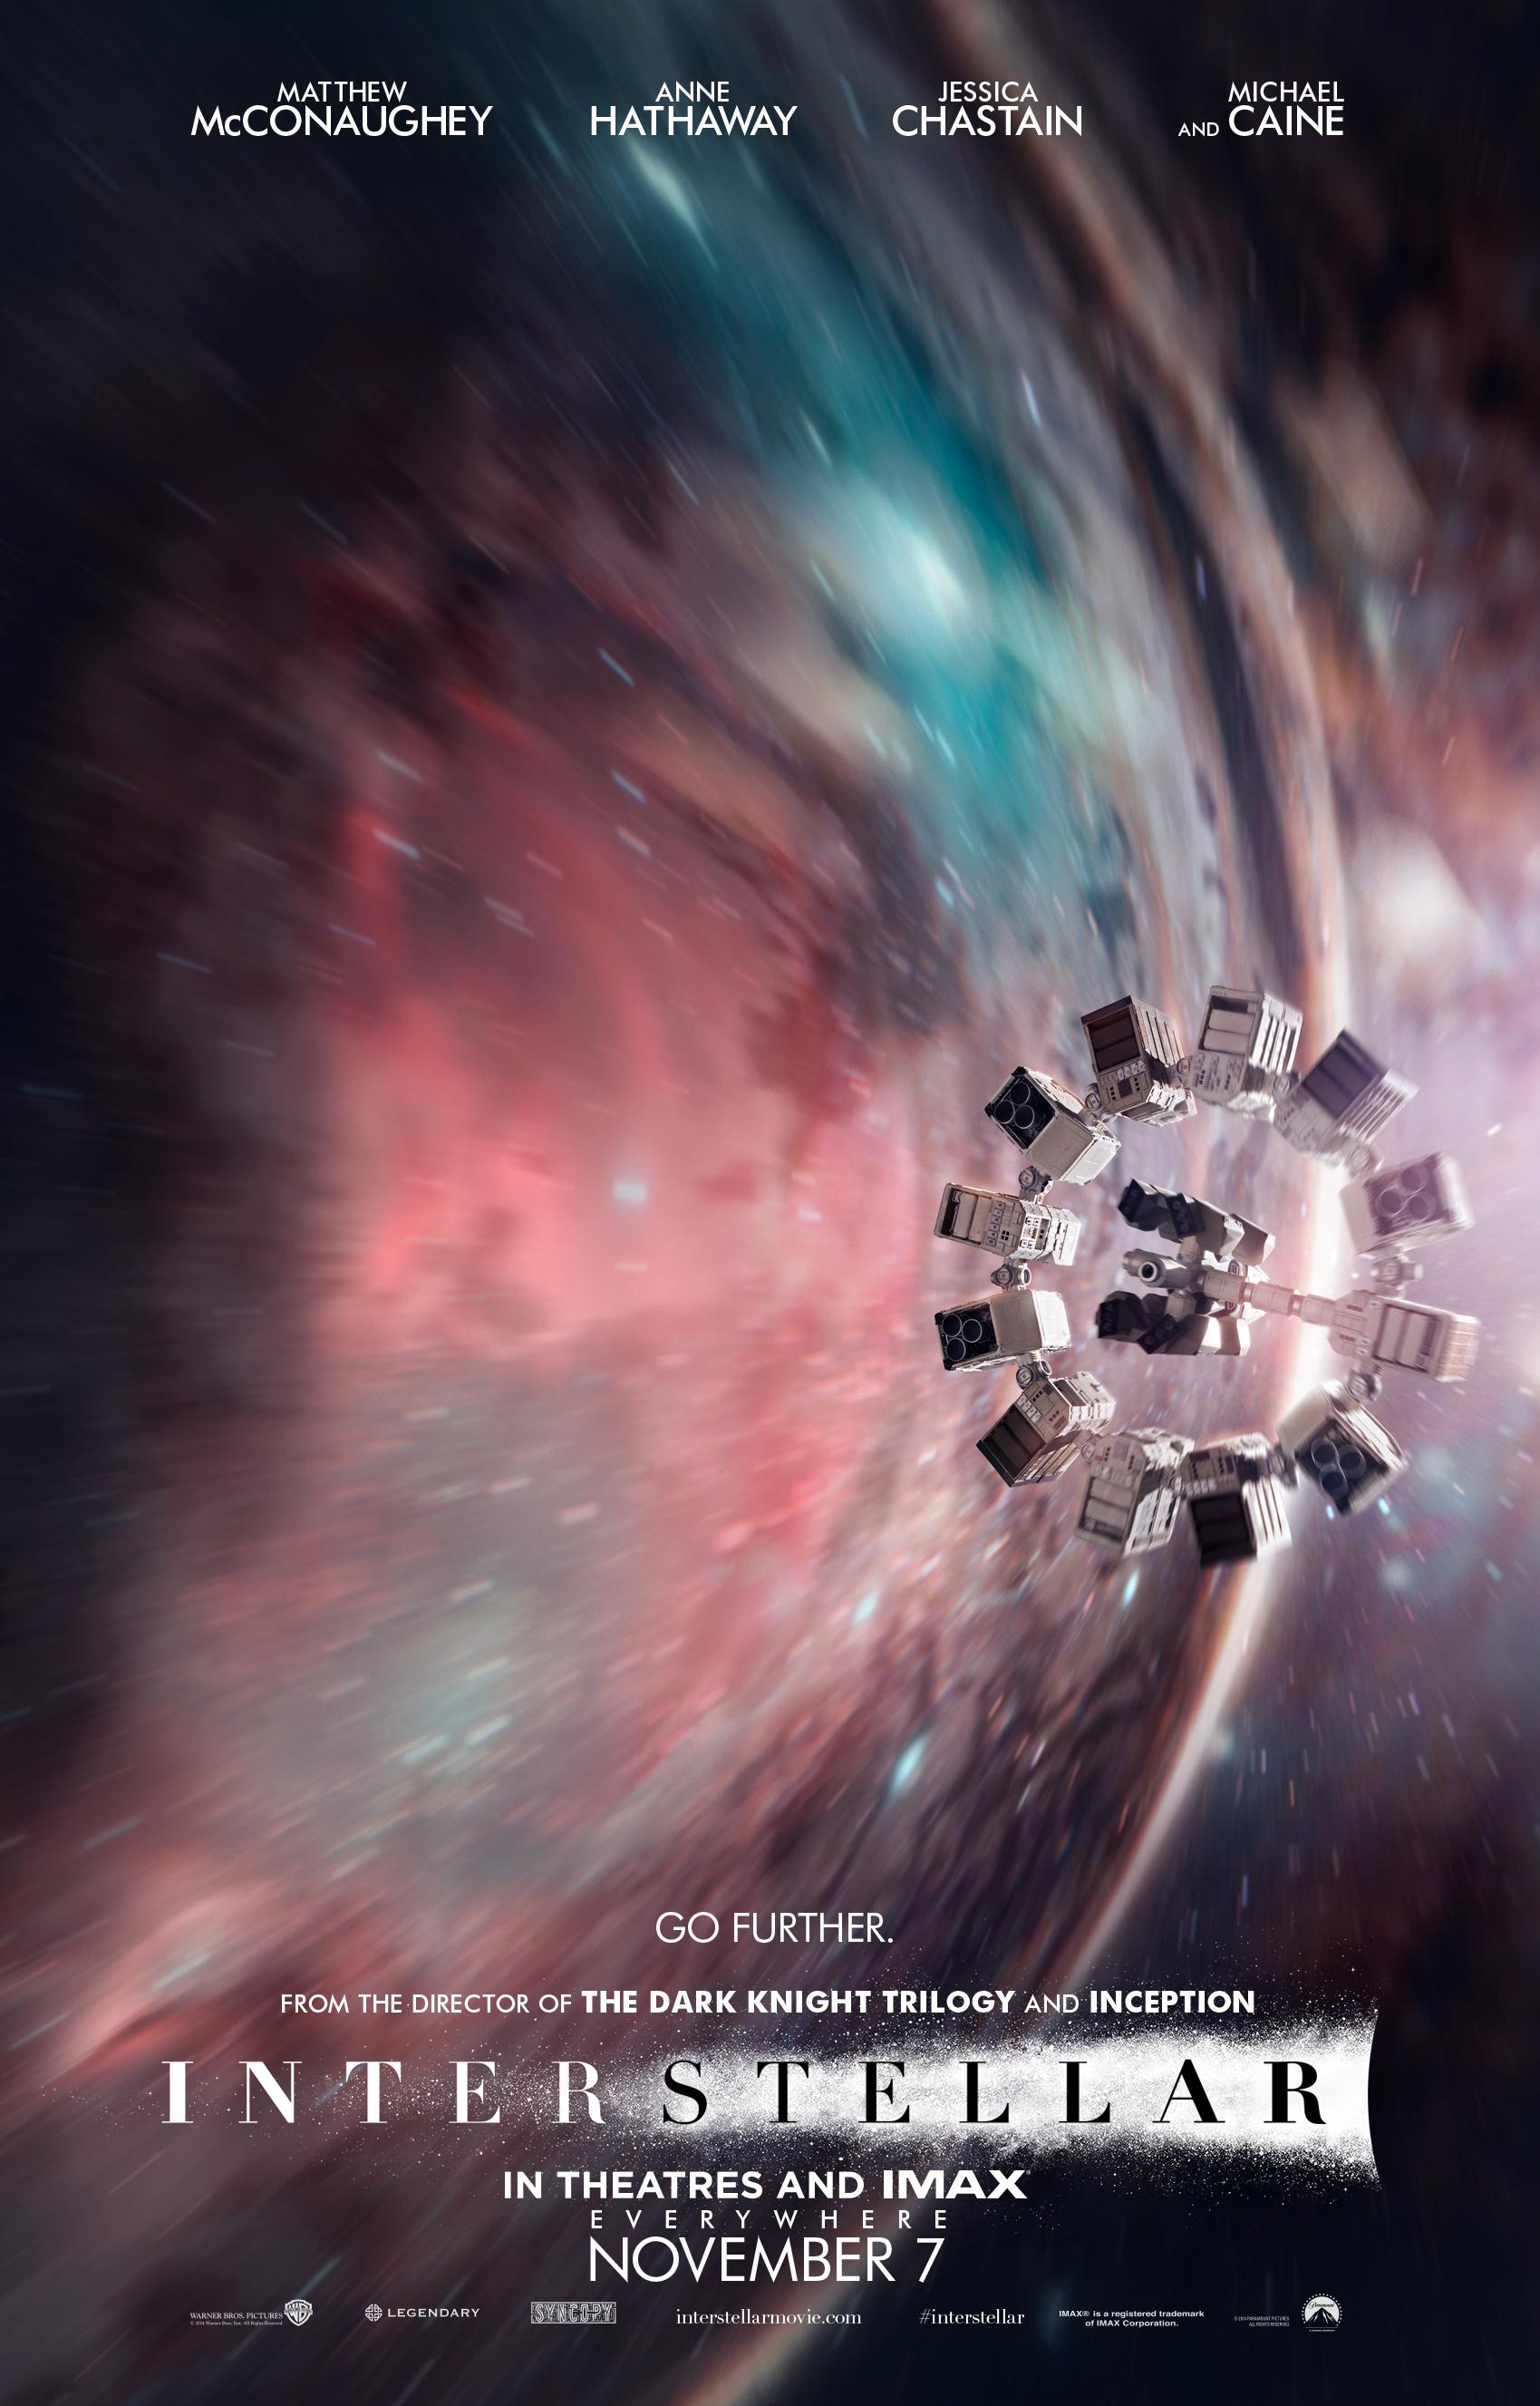 interstellaraltartowrk